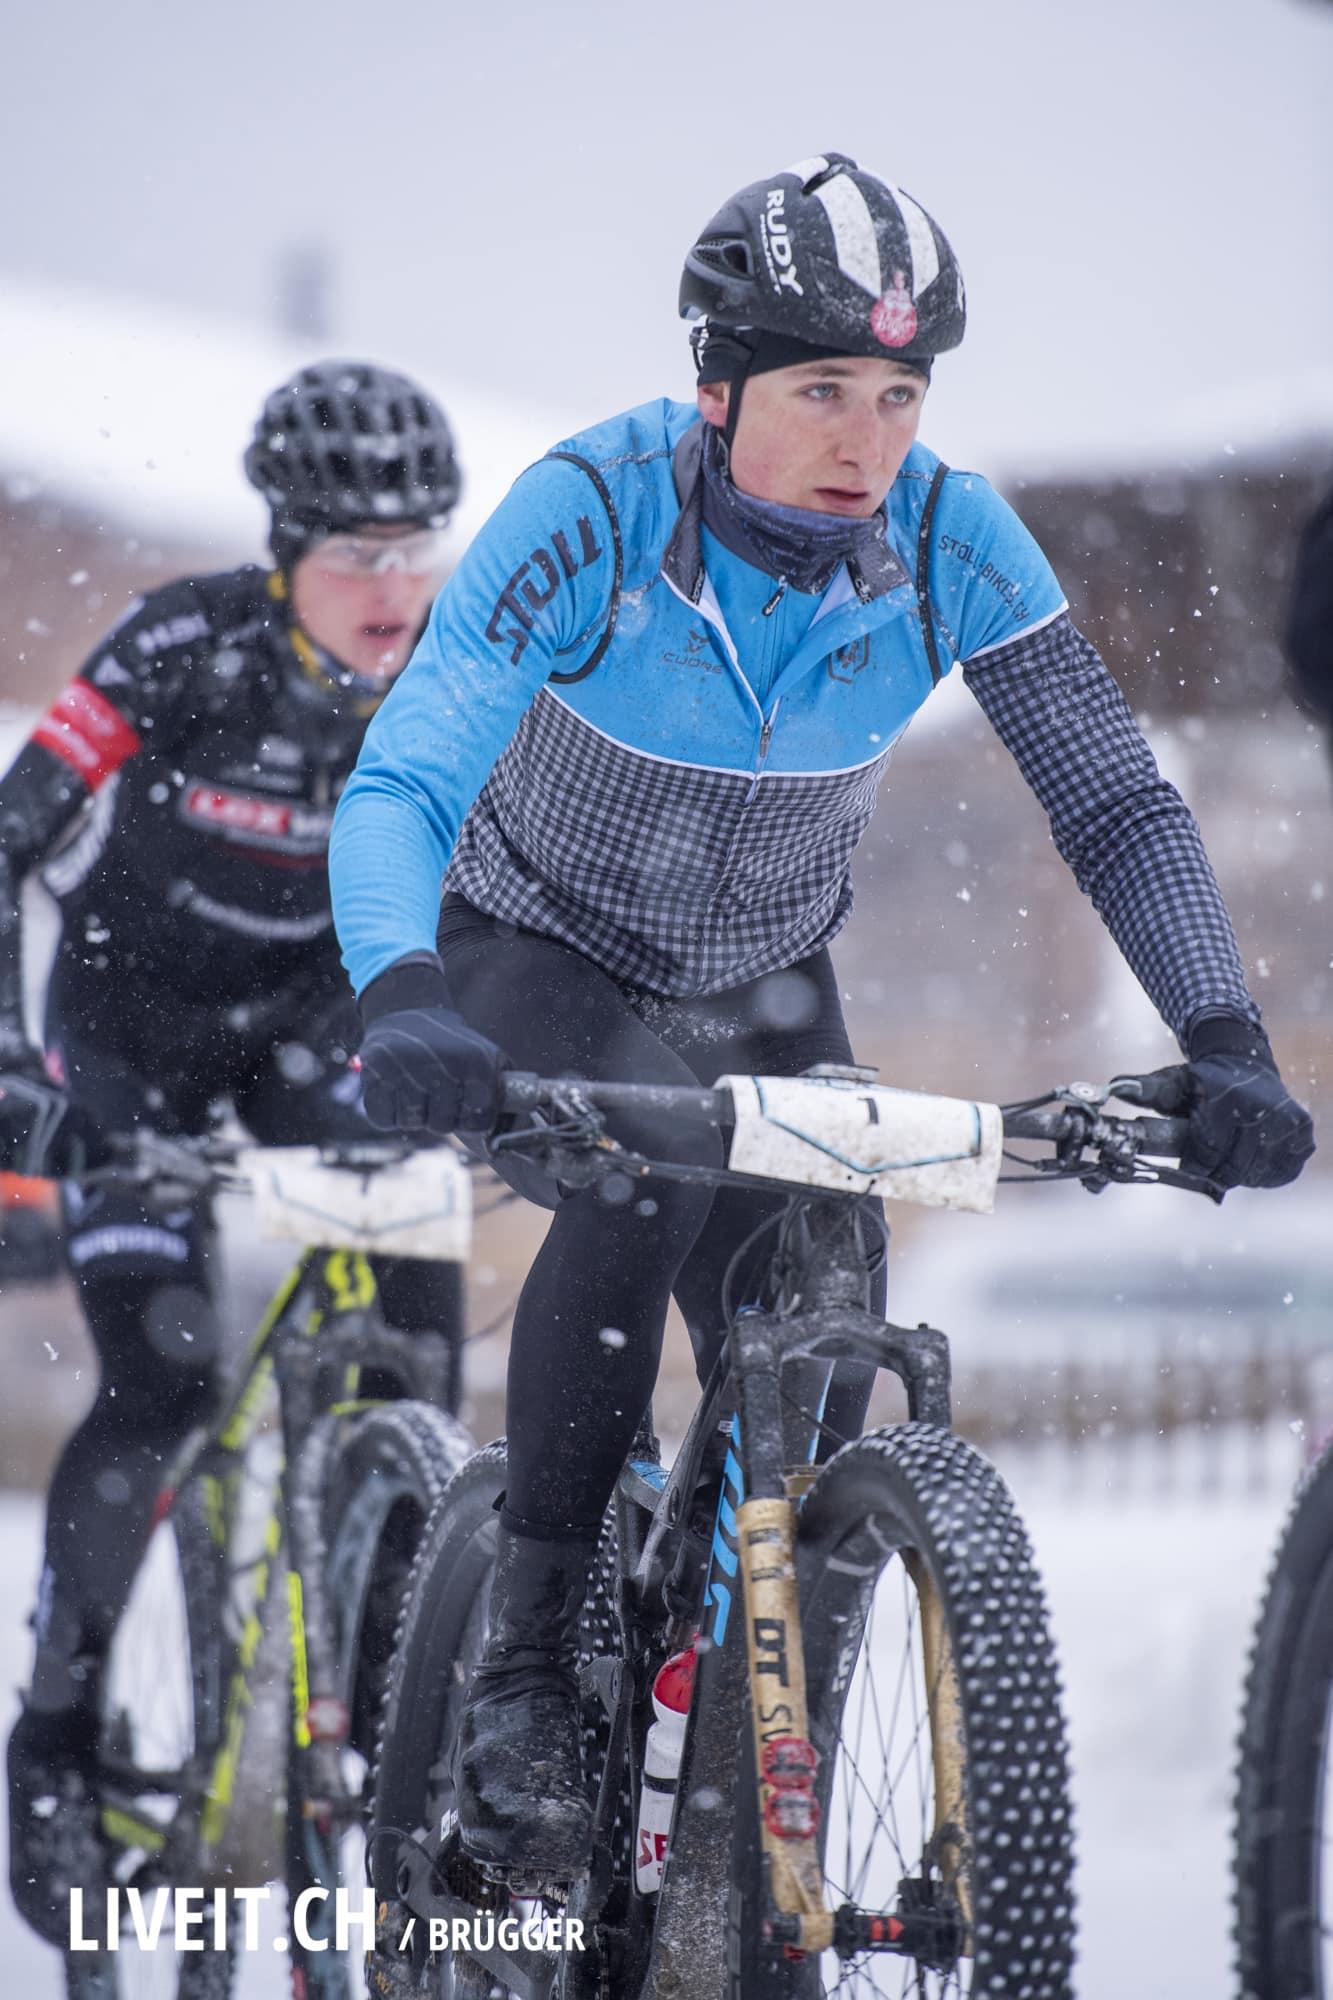 Das Snow Bike Festival gehört der UCI Rennserie an, 3. Etappe fotografiert am Samstag, 27. Januar 2019 in Gstaad. (Fotografiert von Dominic Bruegger für liveit.ch)